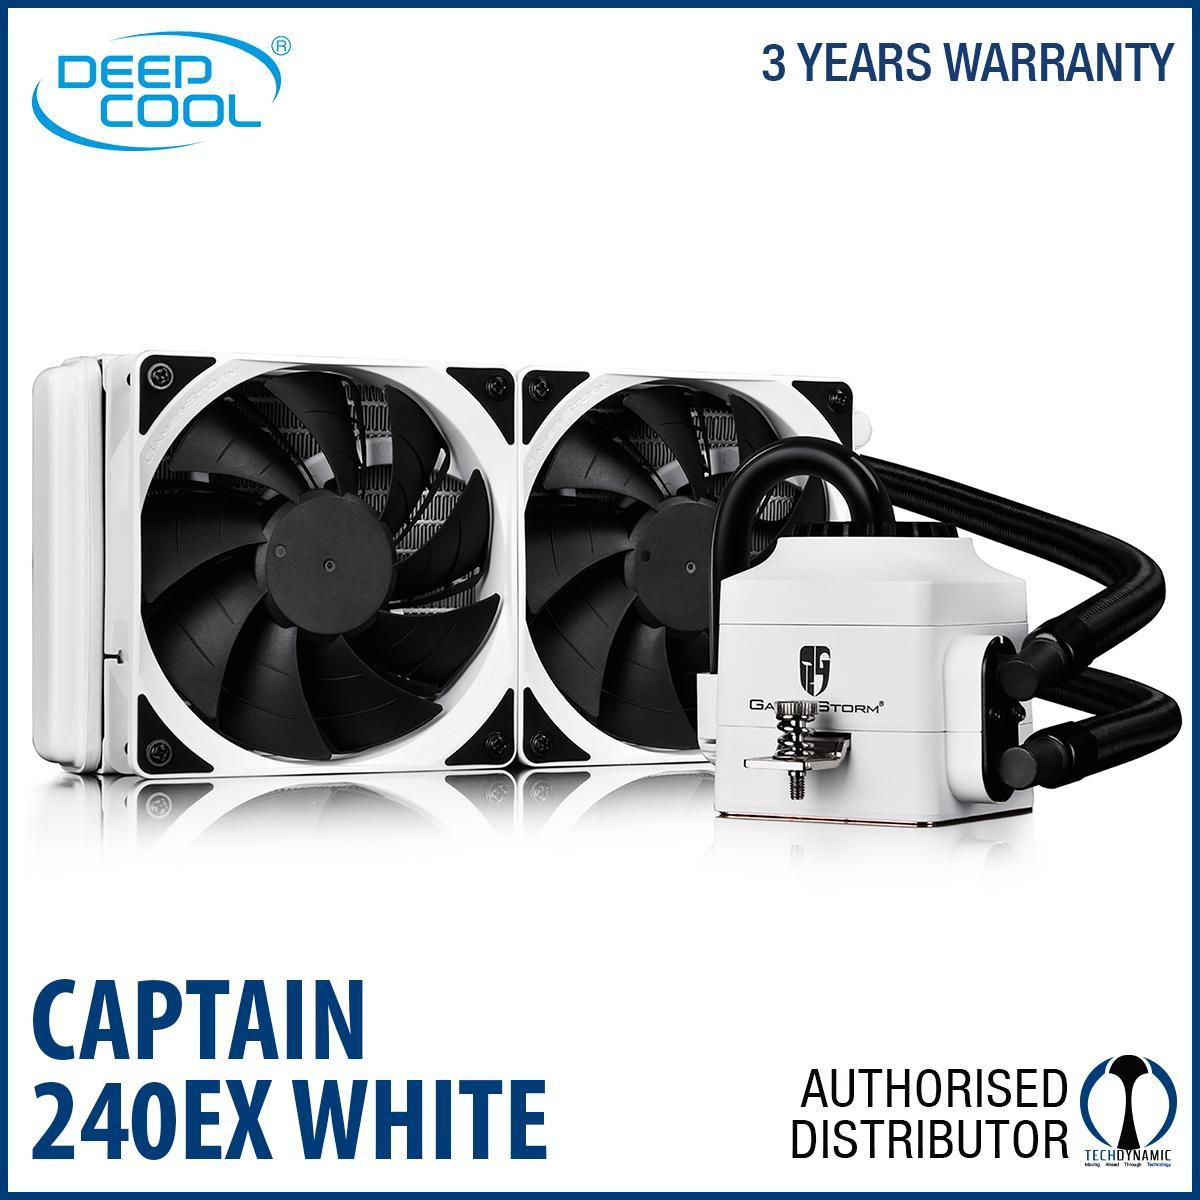 Price Deepcool Captain 240Ex White Aio Liquid Cooler 240Mm Singapore